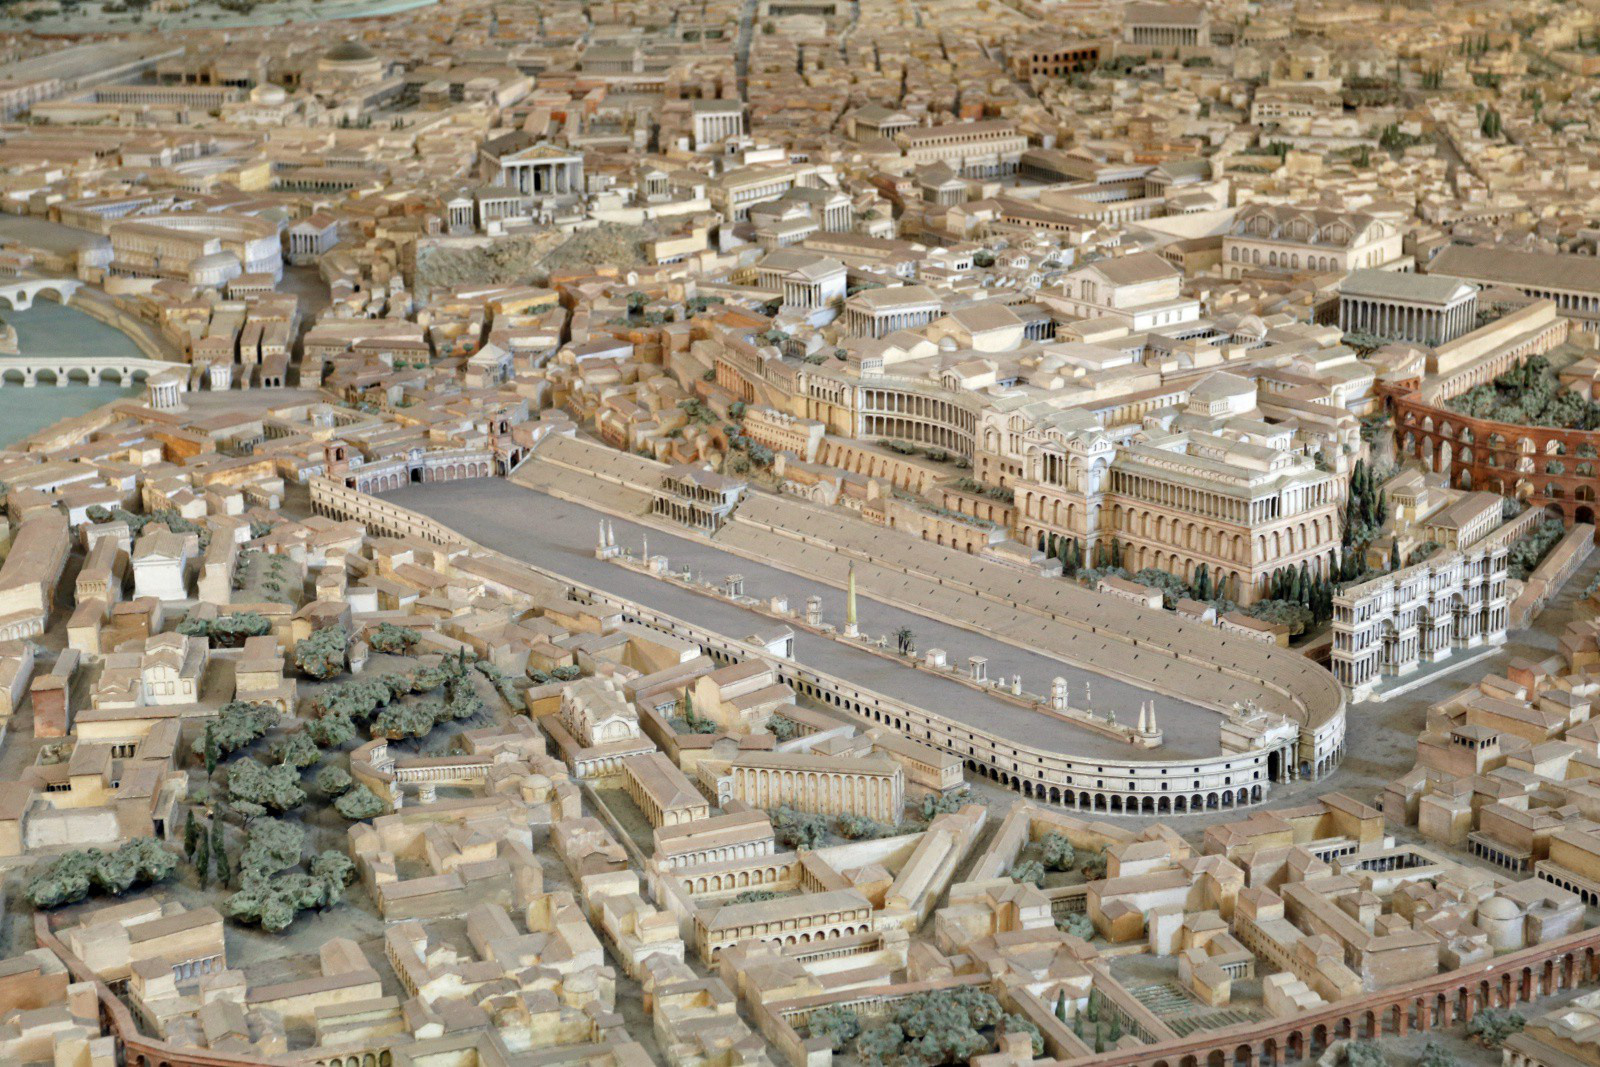 Chiêm ngưỡng mô hình thành Rome cổ đại với tỷ lệ 1:250, mất tới 38 năm mới hoàn thành - Ảnh 6.